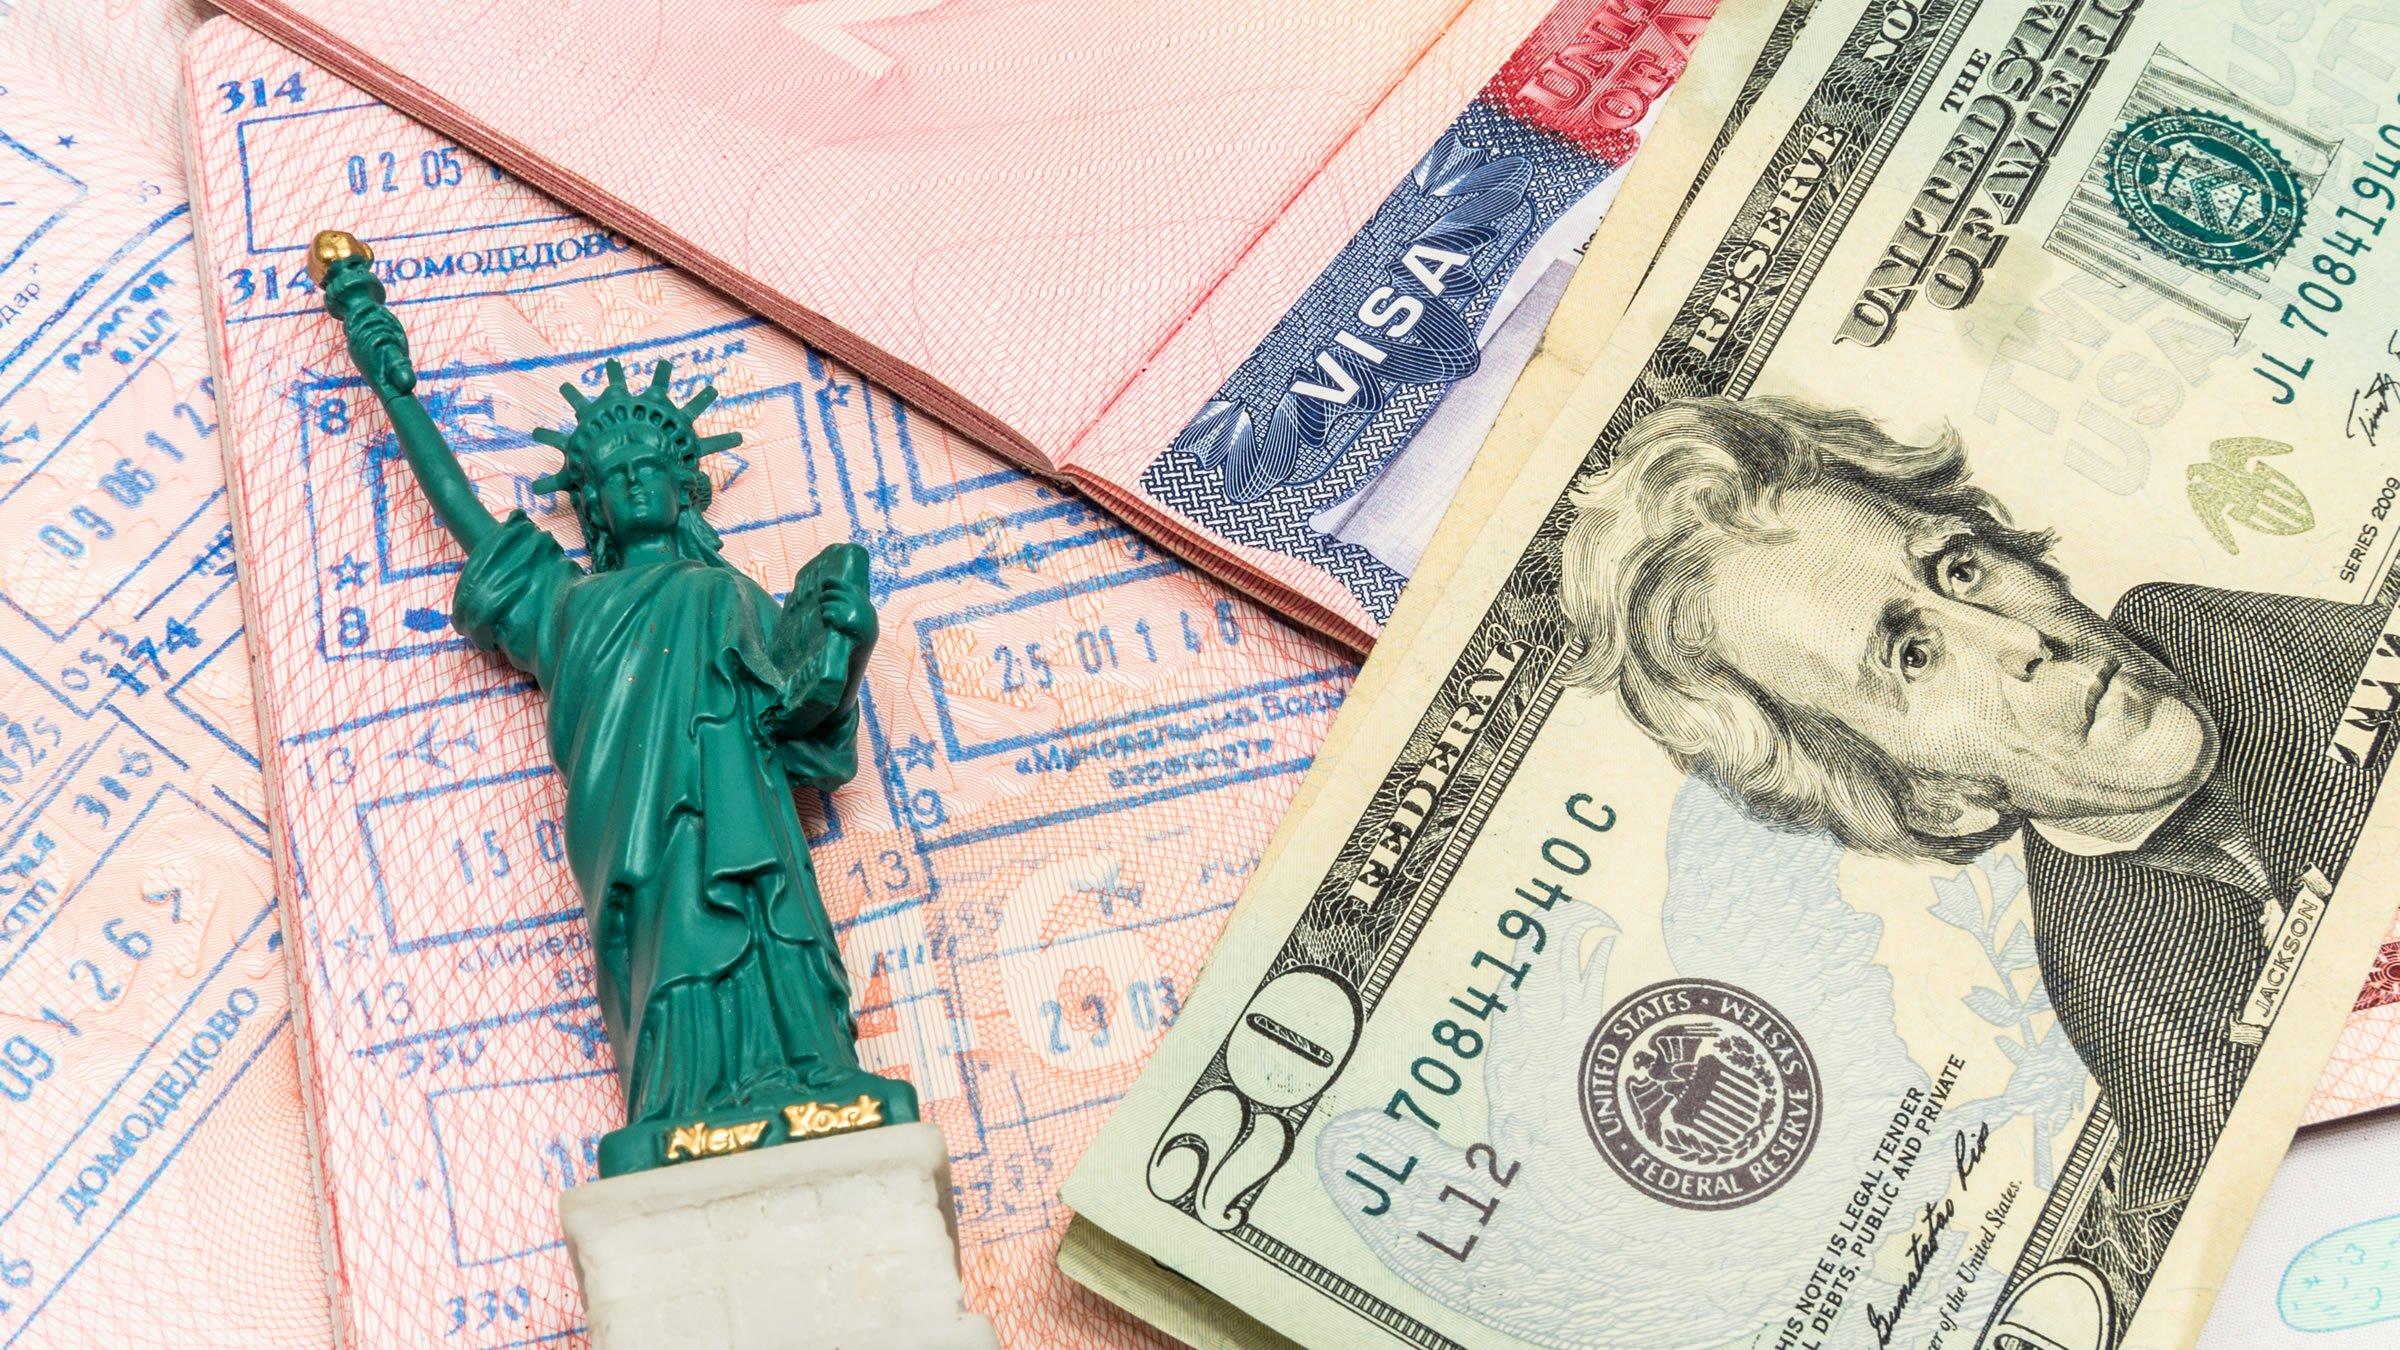 Recomendaciones Para Las Personas Que Van A Viajar A Eeuu: Viajar A Estados Unidos Para Trabajar O Estudiar